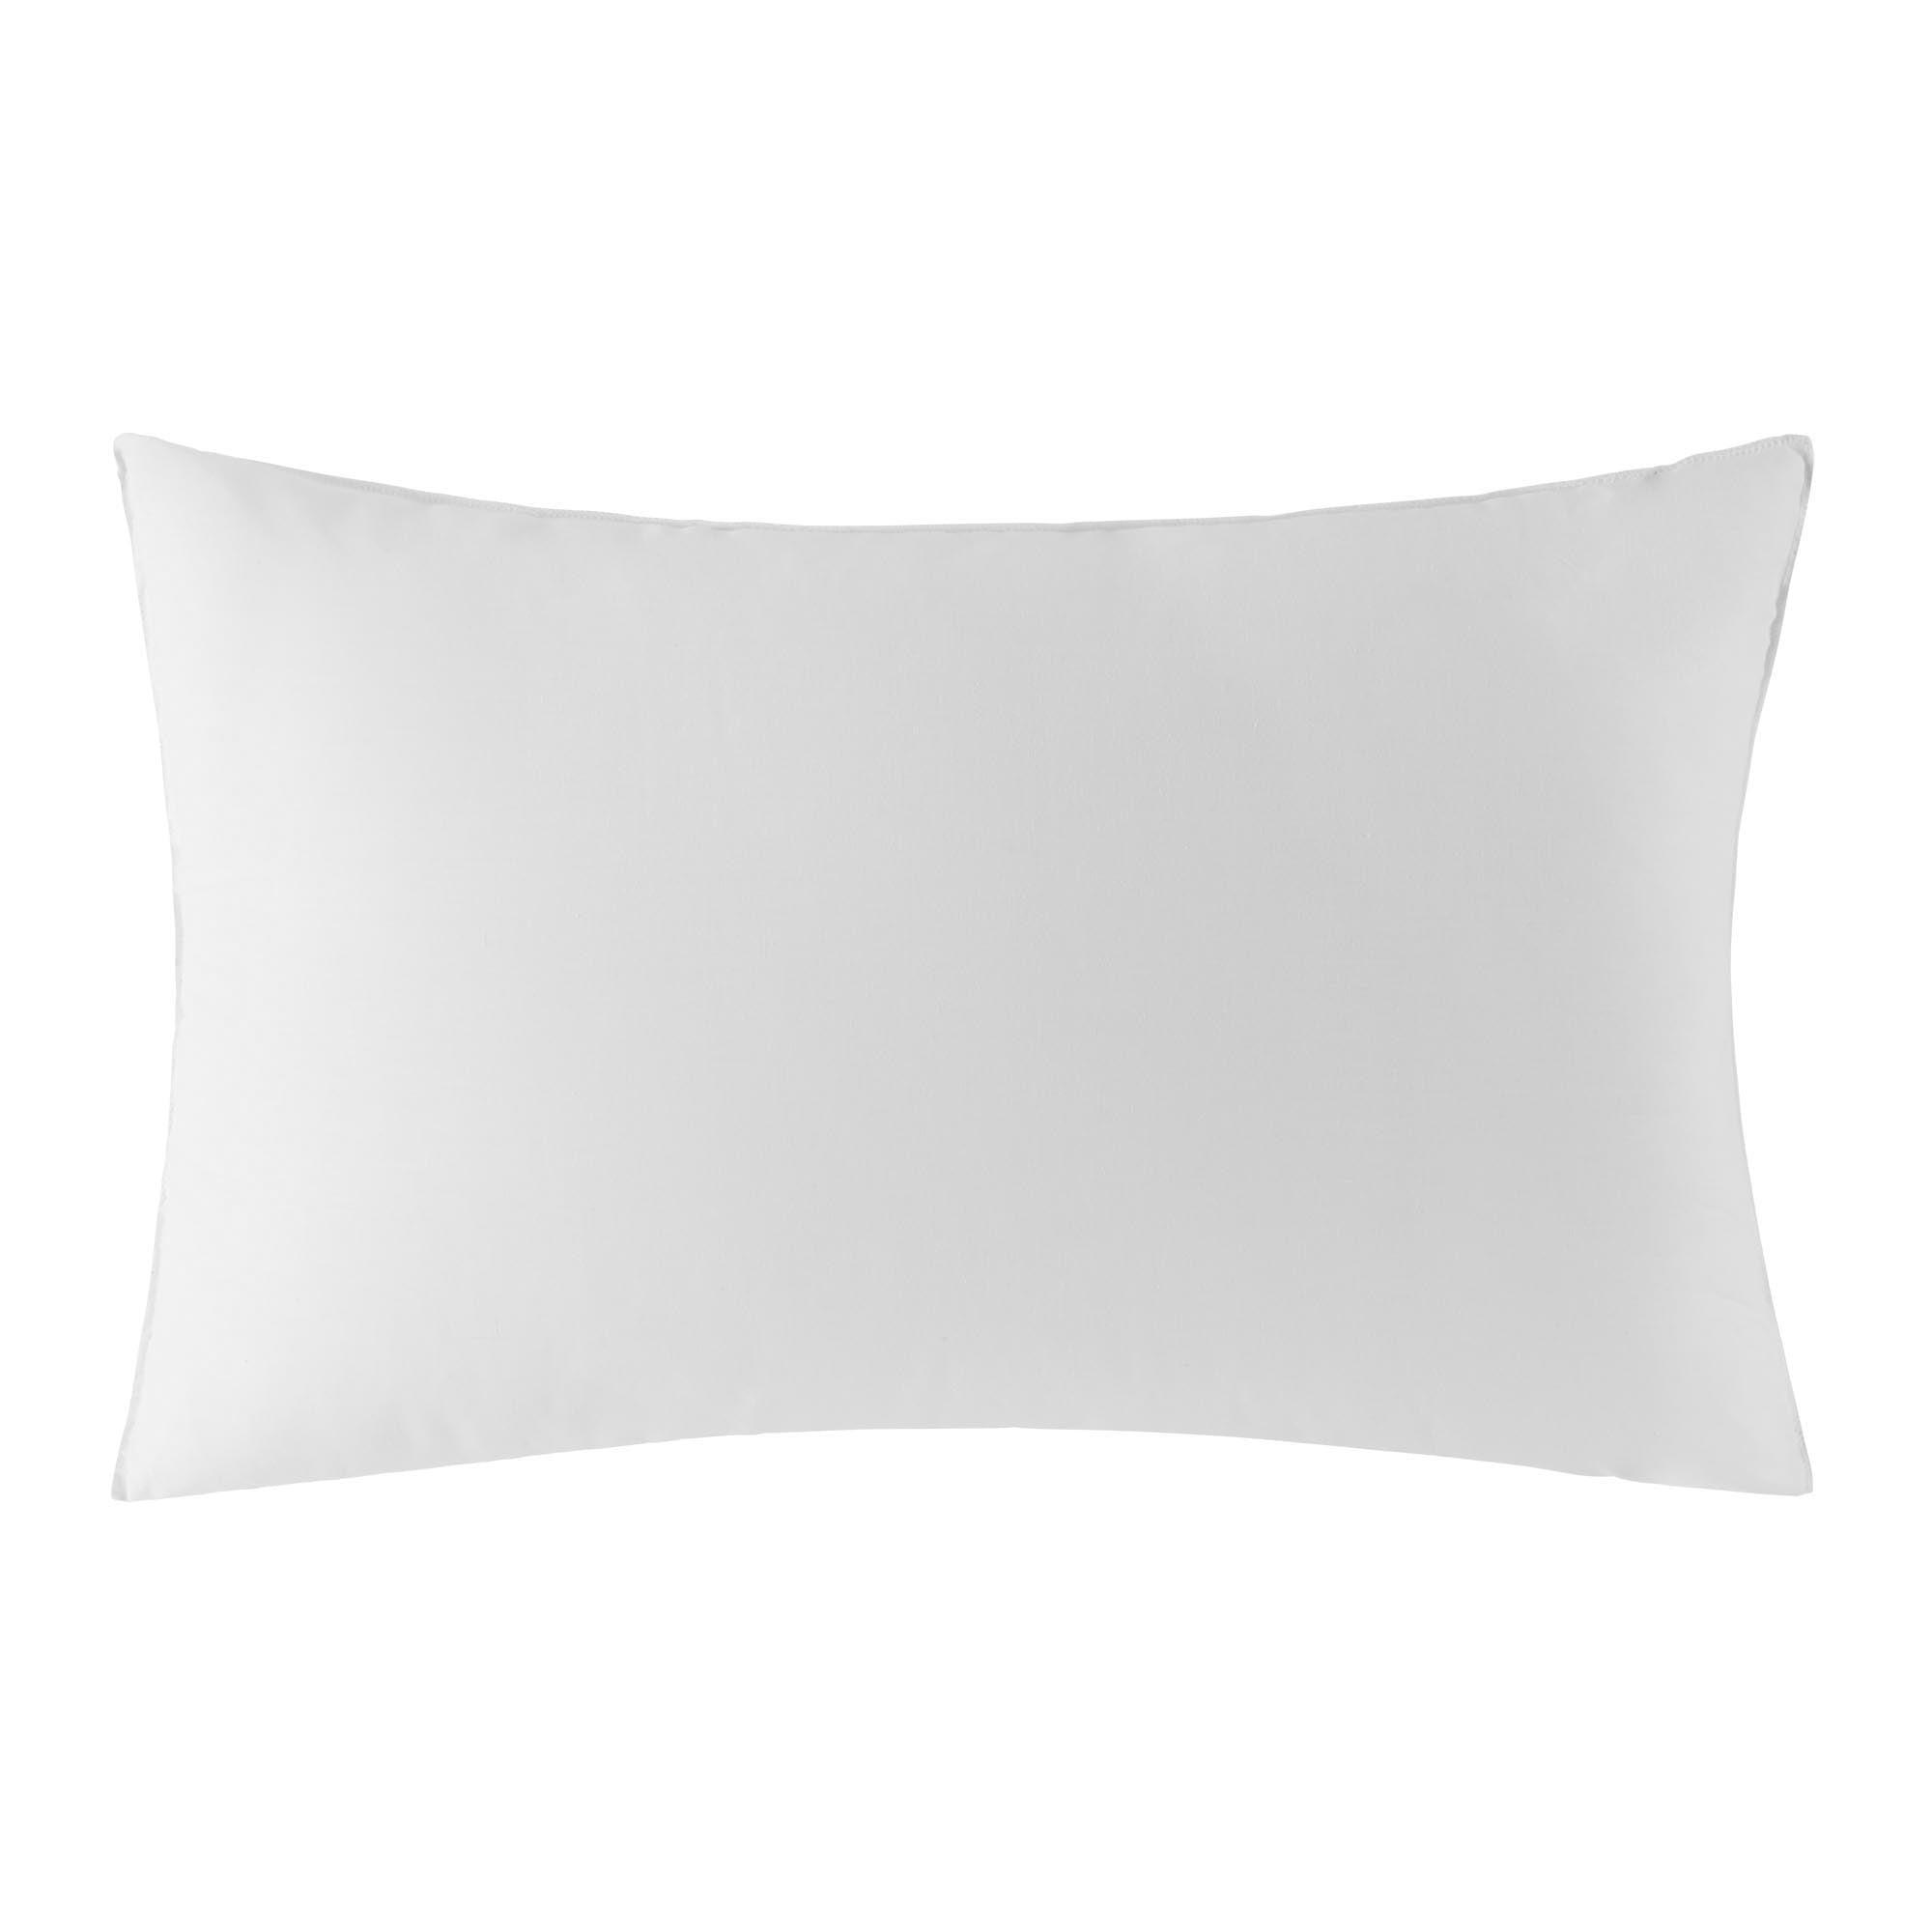 Coussin de garnissage 45x70 cm Blanc